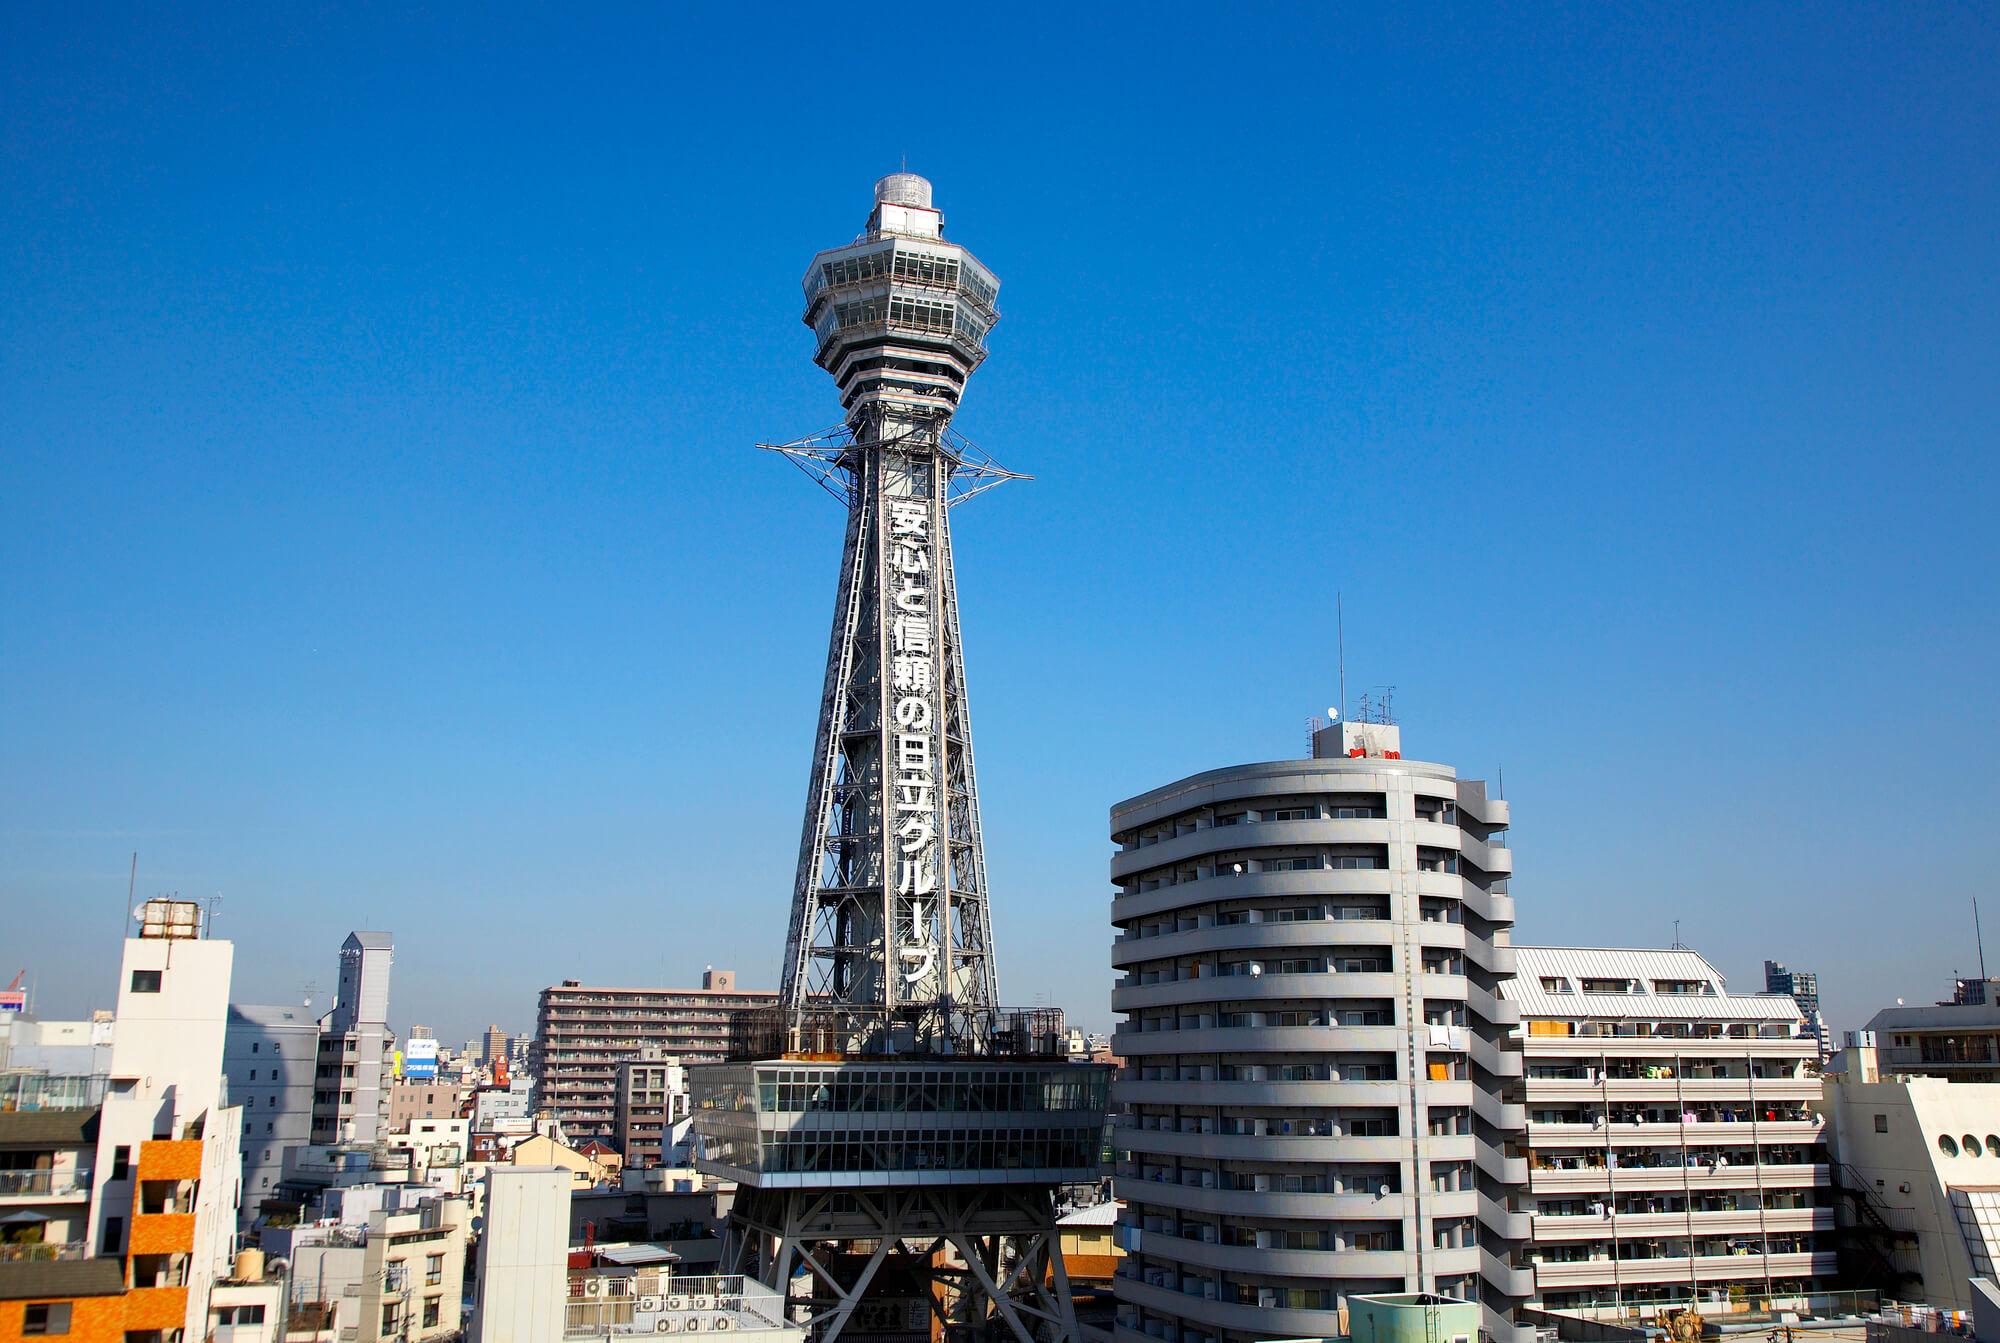 関西・大阪のサービス提供エリア